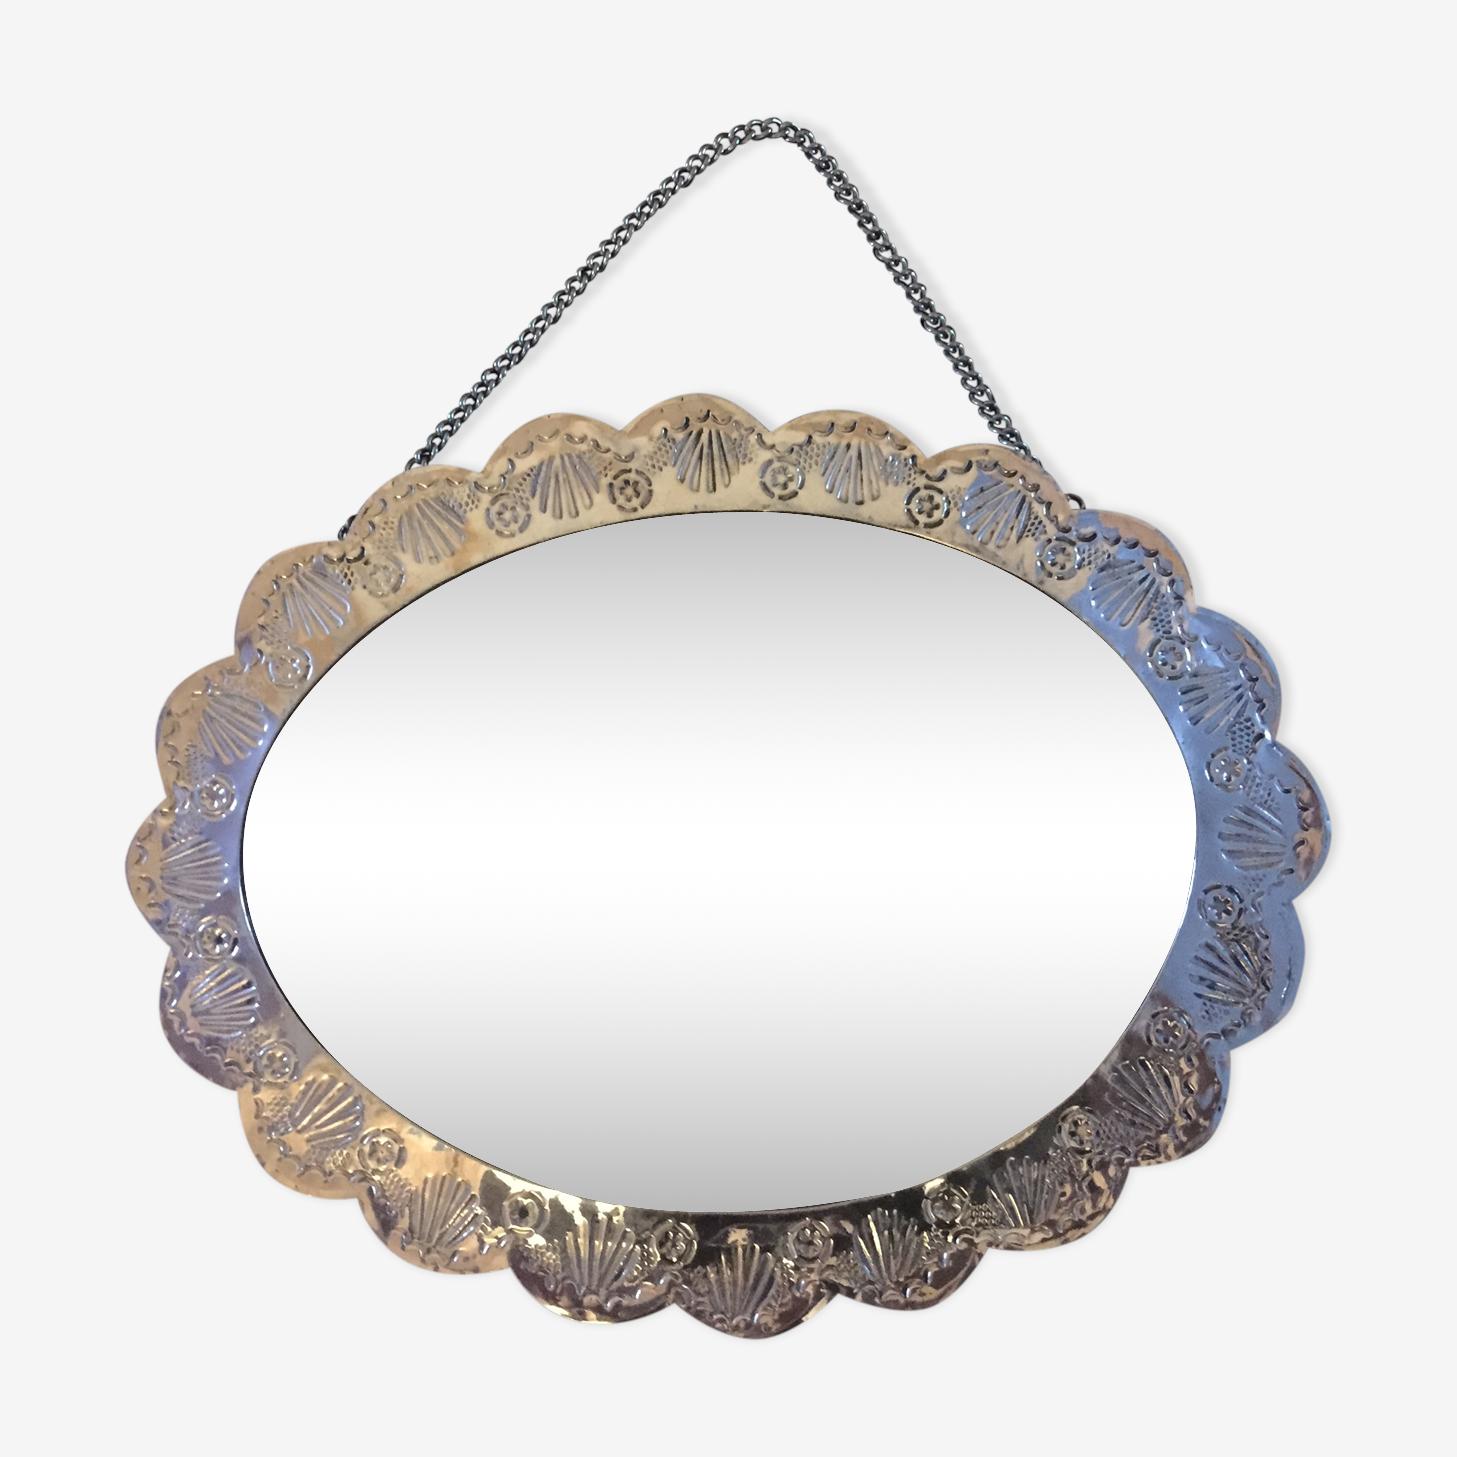 Miroir ovale en métal 16x20cm